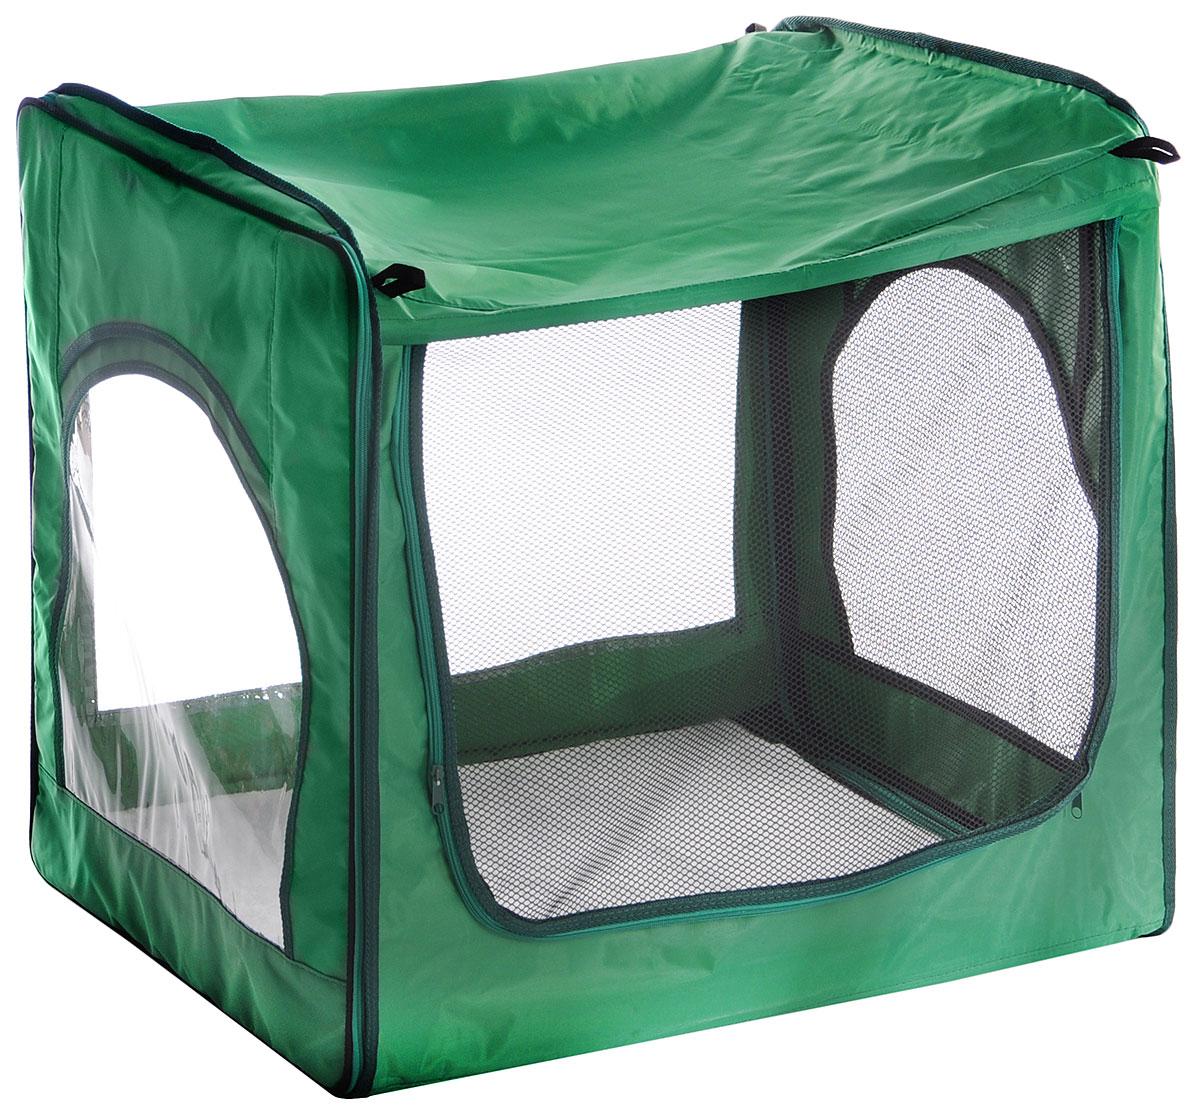 Клетка для животных Заря-Плюс, выставочная, цвет: зеленый, черный, прозрачный, 75 х 60 х 50 смКТВ2/1зПалатка Заря-Плюс отлично подойдет для участия на любых российских или международных выставках кошек и собак, для домашнего содержания, а также для ограничения территории перемещения животного, для родов и содержания котят и щенков. Эта модель палатки продумана и выполнена таким образом, чтобы воздух мог циркулировать максимально свободно, так как две стороны палатки выполнены из сетки (обратная сторона палатки, а также одна боковая). Лицевая и вторая боковая стороны палатки выполнены из прозрачной пленки, благодаря чему в палатку проникает много света, и у вас будет возможность представить своих питомцев на выставке в максимально выгодном свете. В комплект входит сумка-переноска с двумя ручками и длинным заплечным ремнем. Палатка легко собирается и разбирается. Достаточно застегнуть боковые стенки с помощью молнии. В комплект палатки входит съемное дно из ДВП, а также меховой матрац. При необходимости матрац легко снимается для стирки. ...